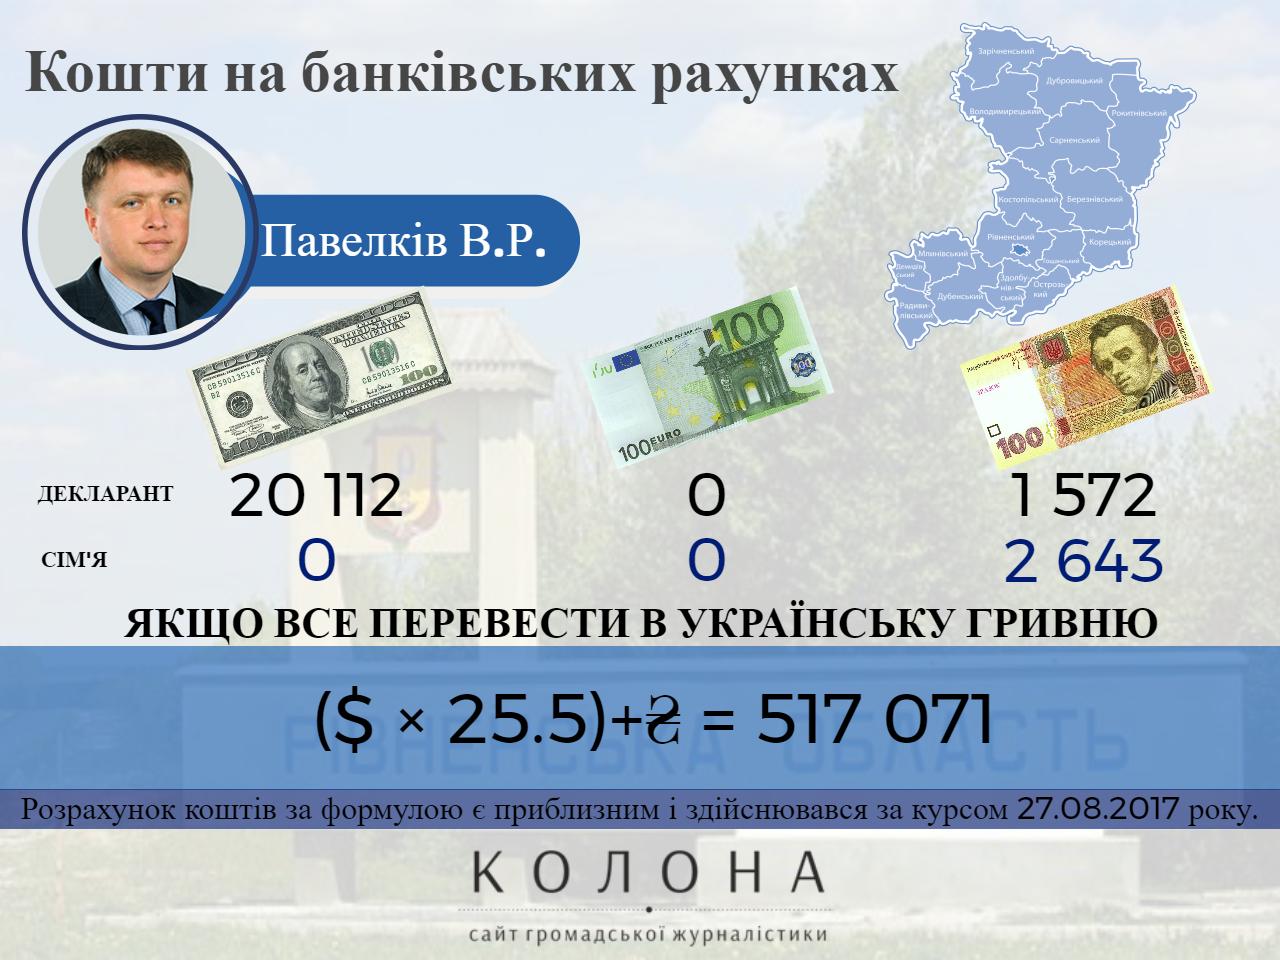 Павелків Віталій Романович